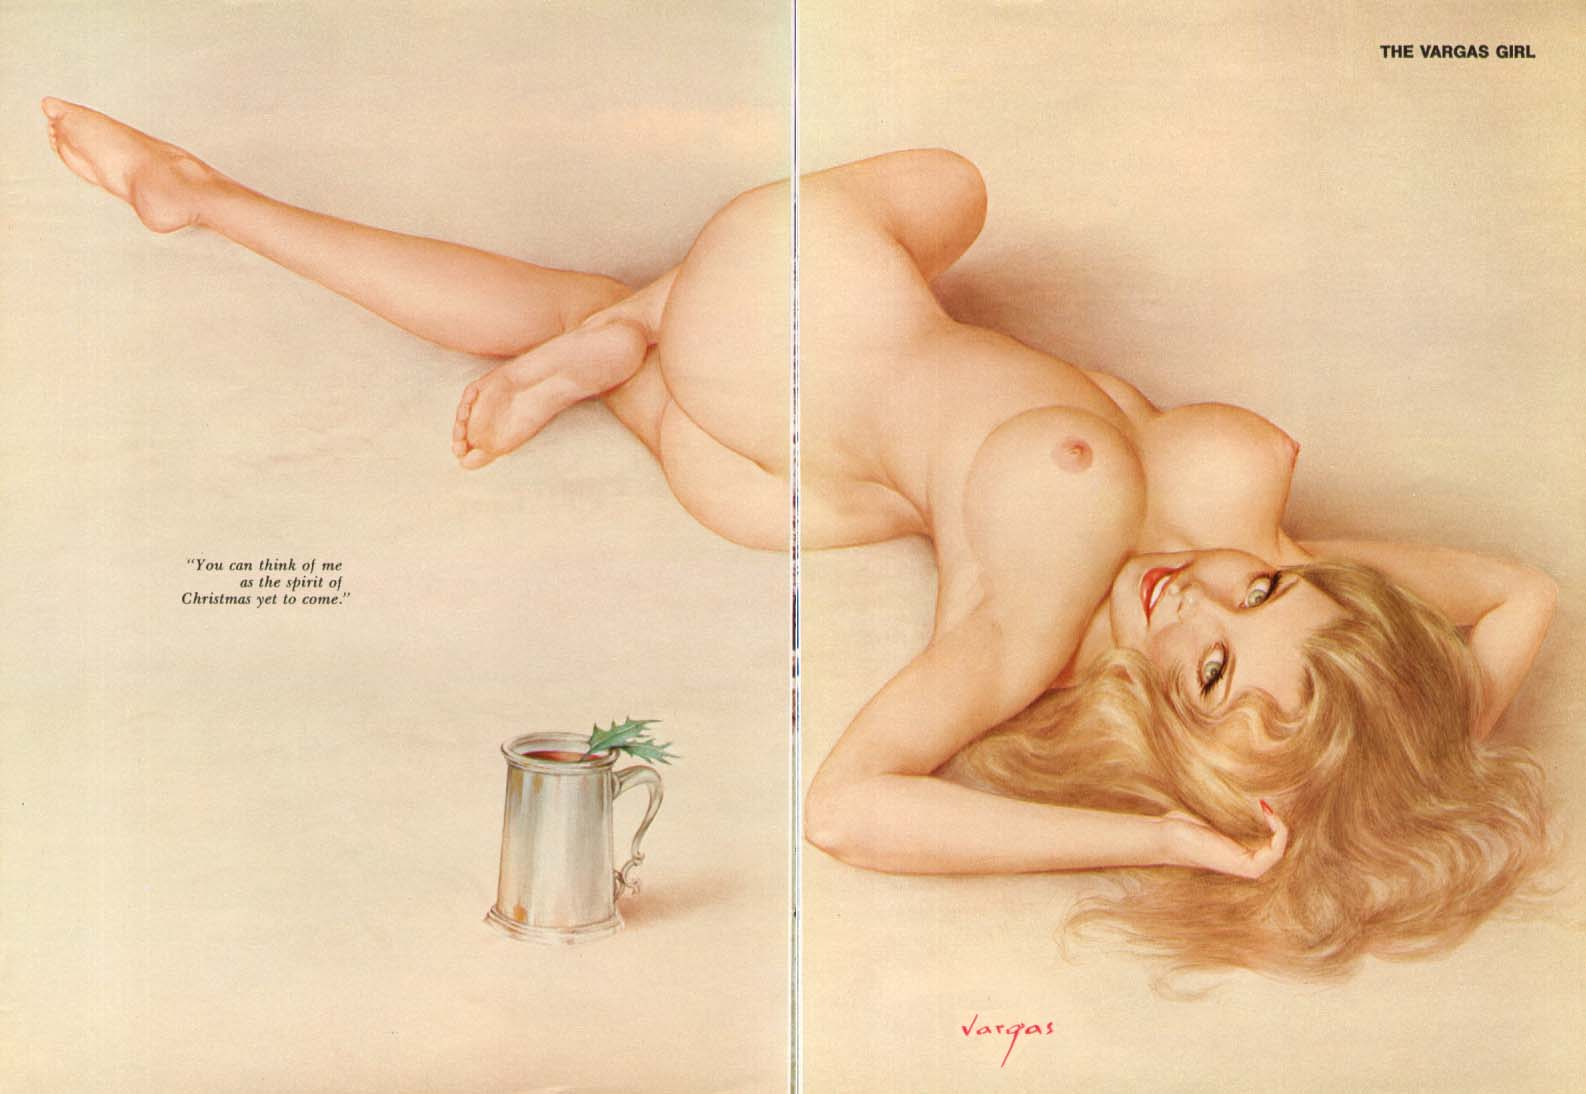 эротические рисунки pqalongese картинки № 486880 загрузить